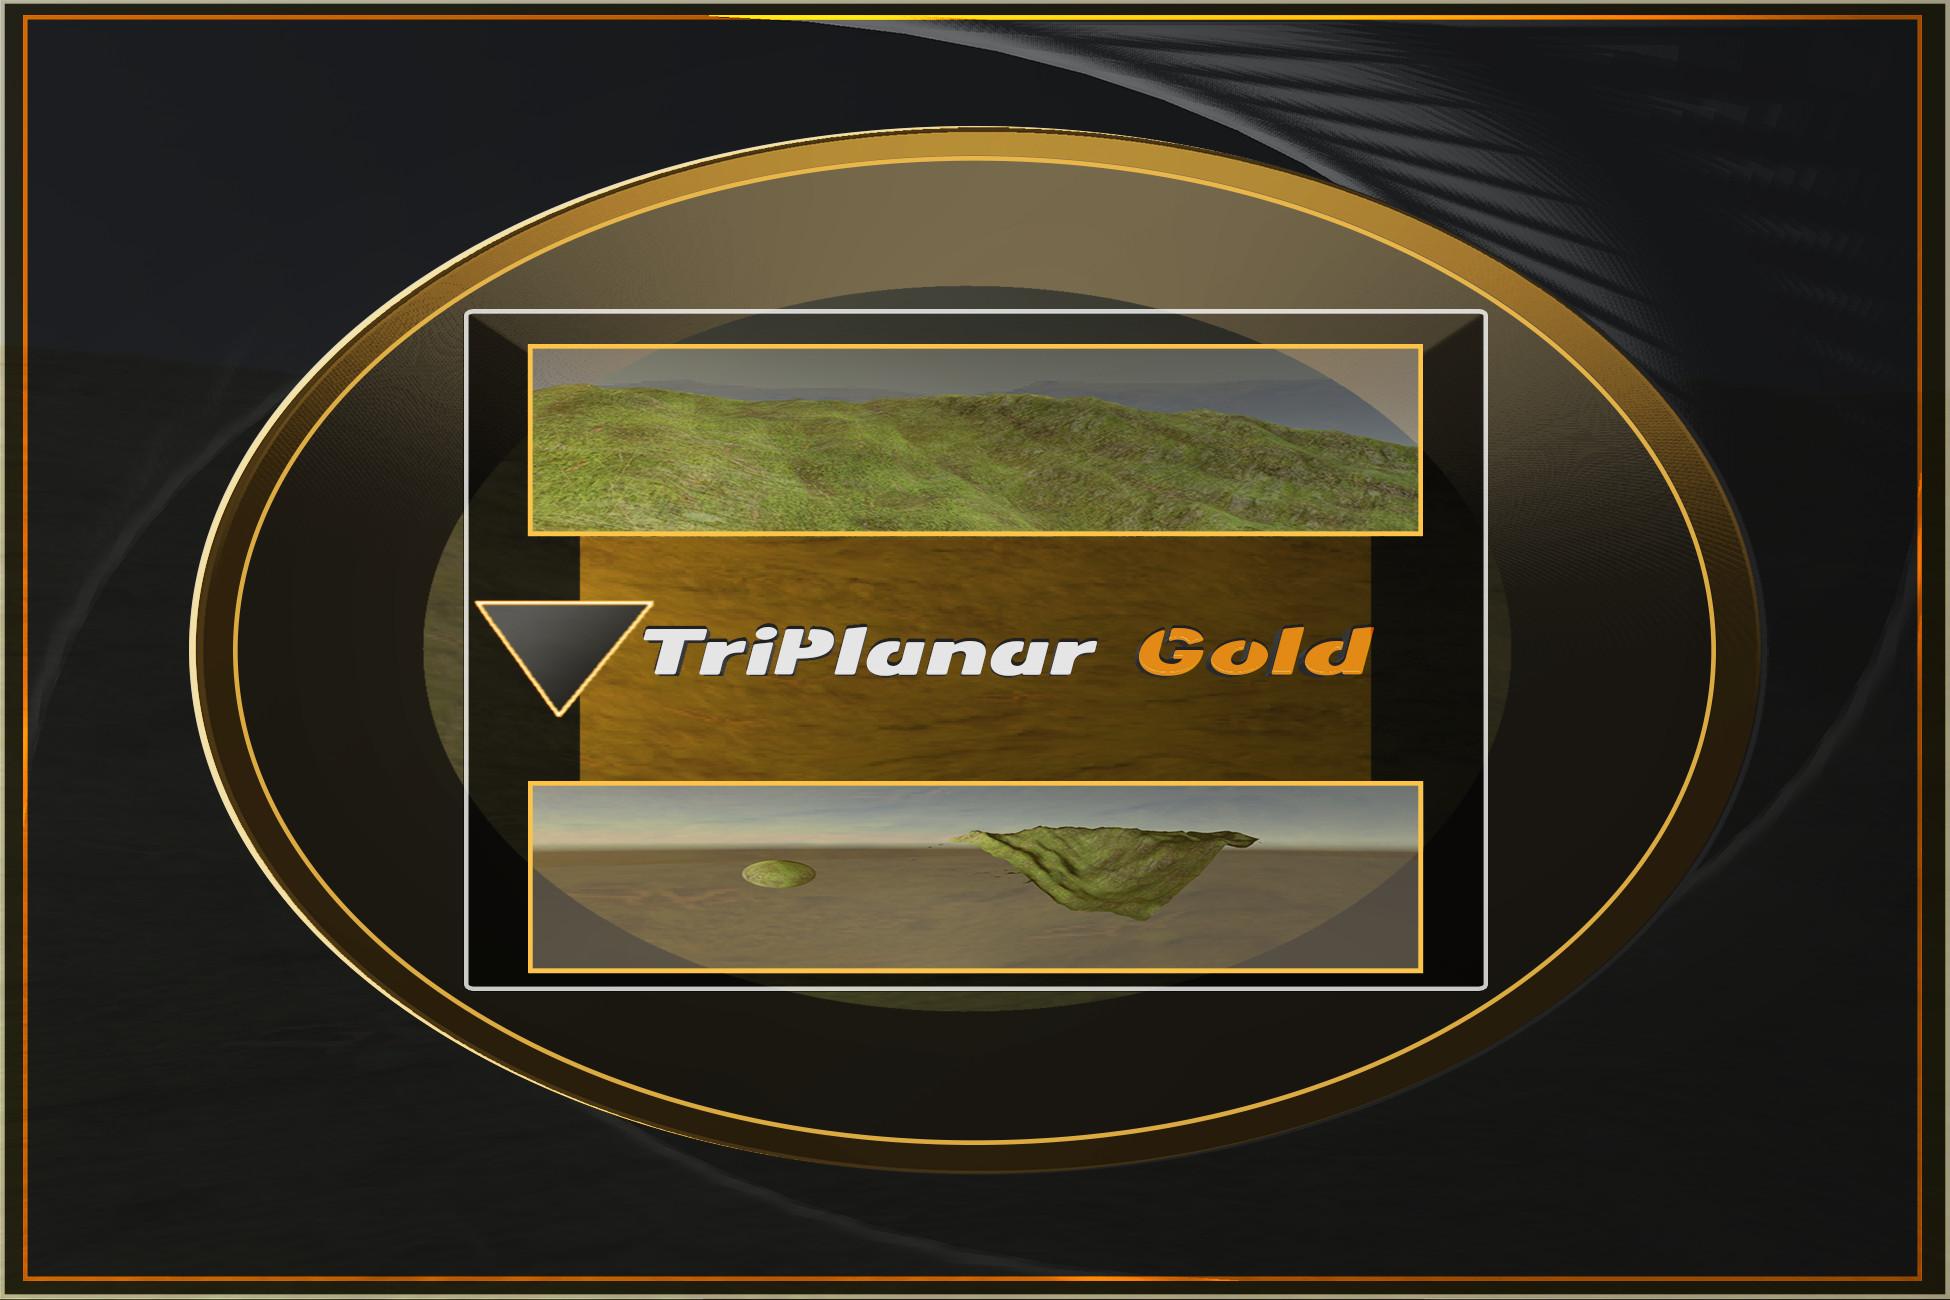 Triplanar Gold